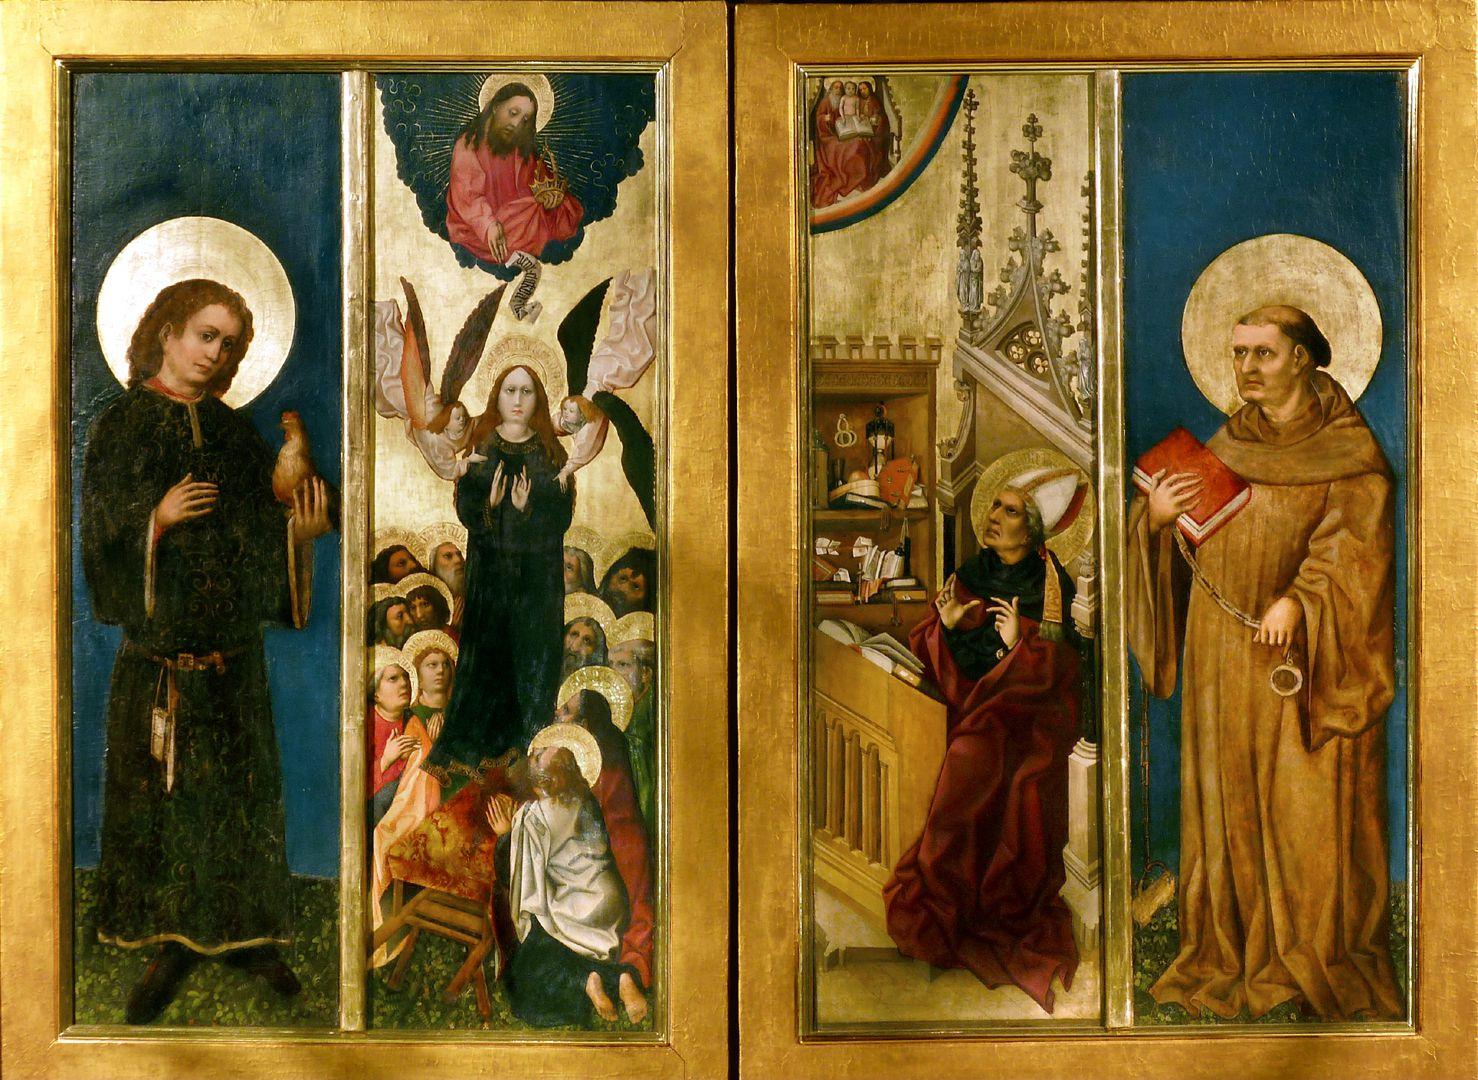 Tucheraltar geschlossener Zustand, Gesamtansicht von l. nach r.: Heiliger Vitus, Aufnahme Maria in den Himmel, Dreifaltigkeitsvision des Heiligen Augustinus, Heiliger Leonhard